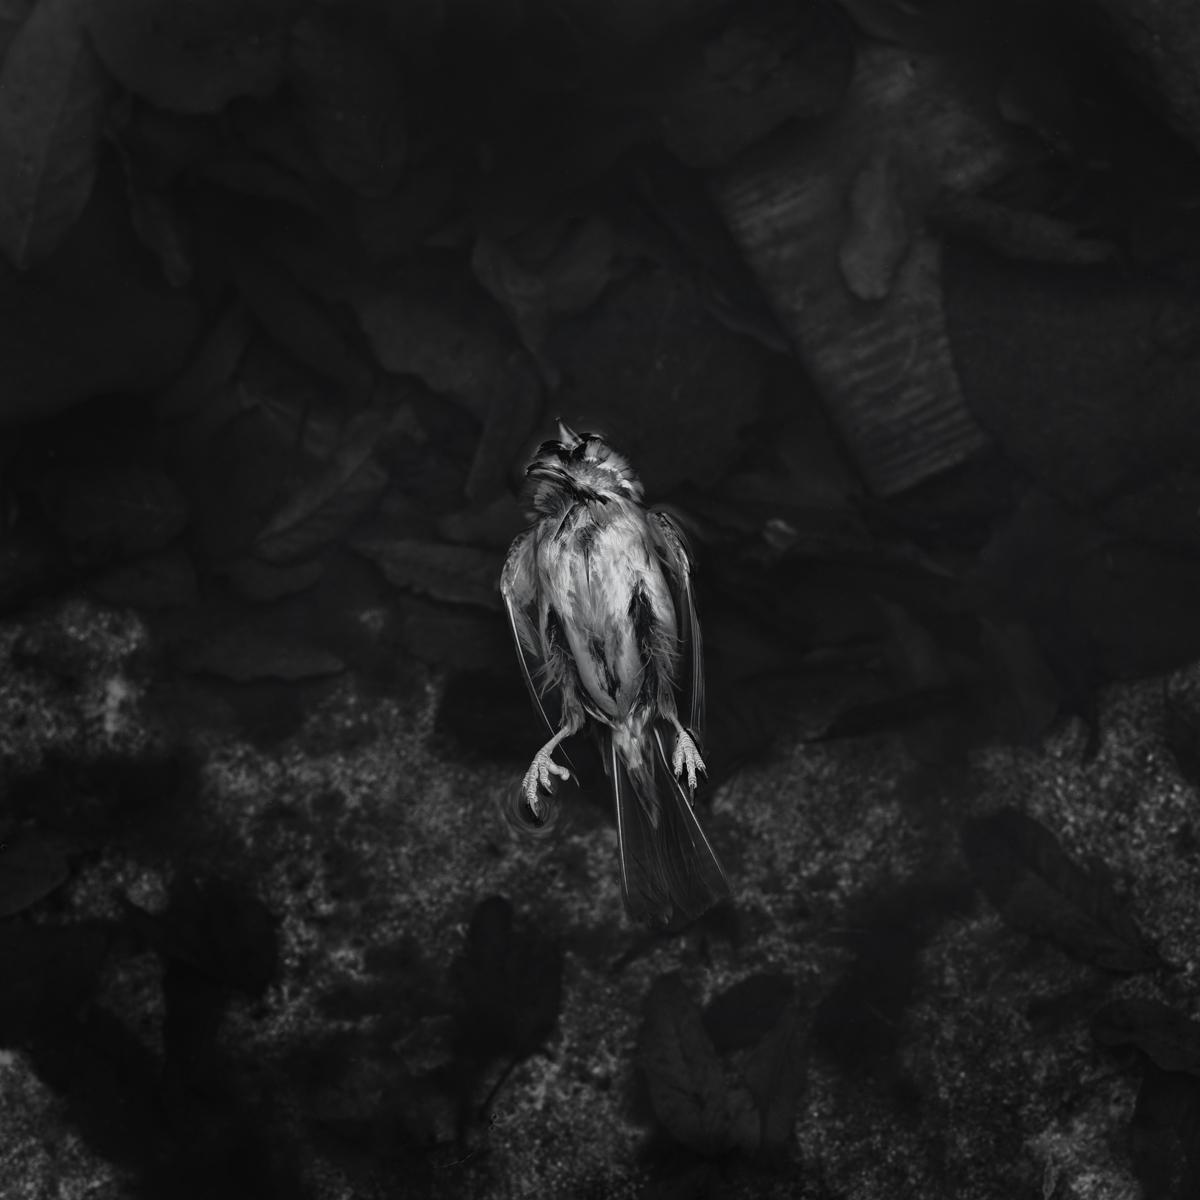 Sparrow no 3